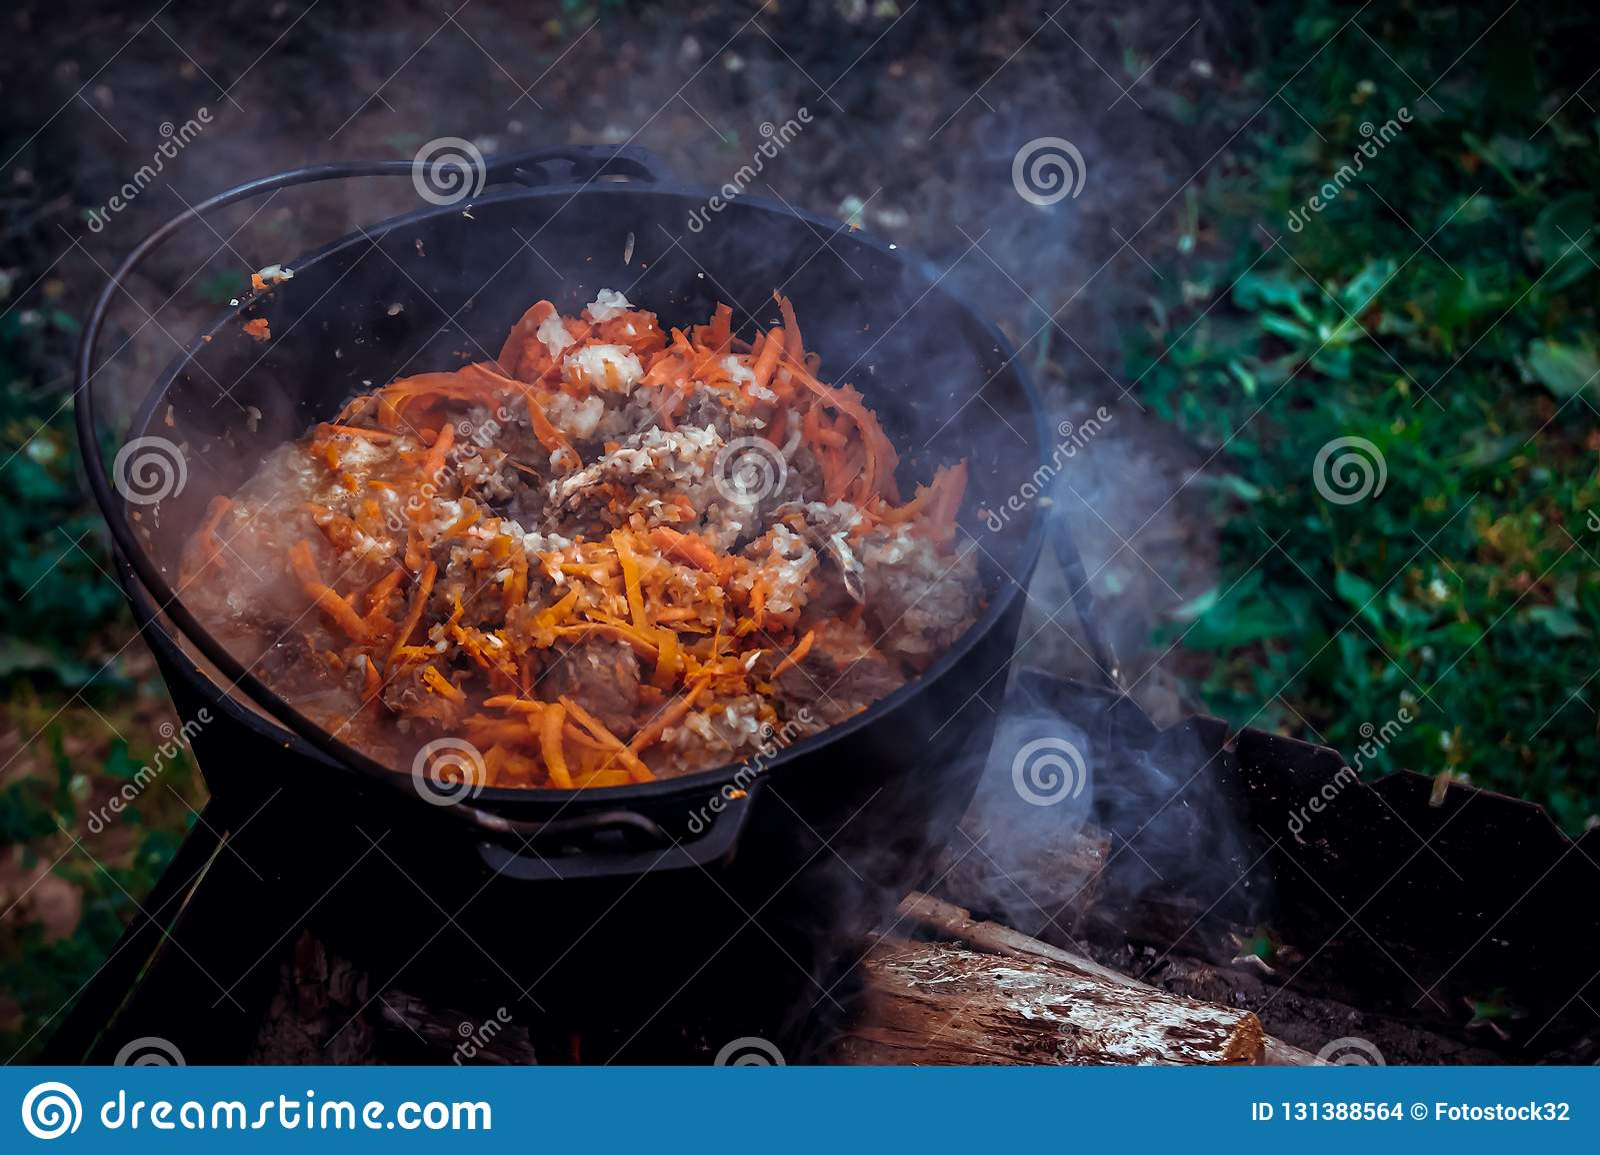 Pilaff i kitteln på branden